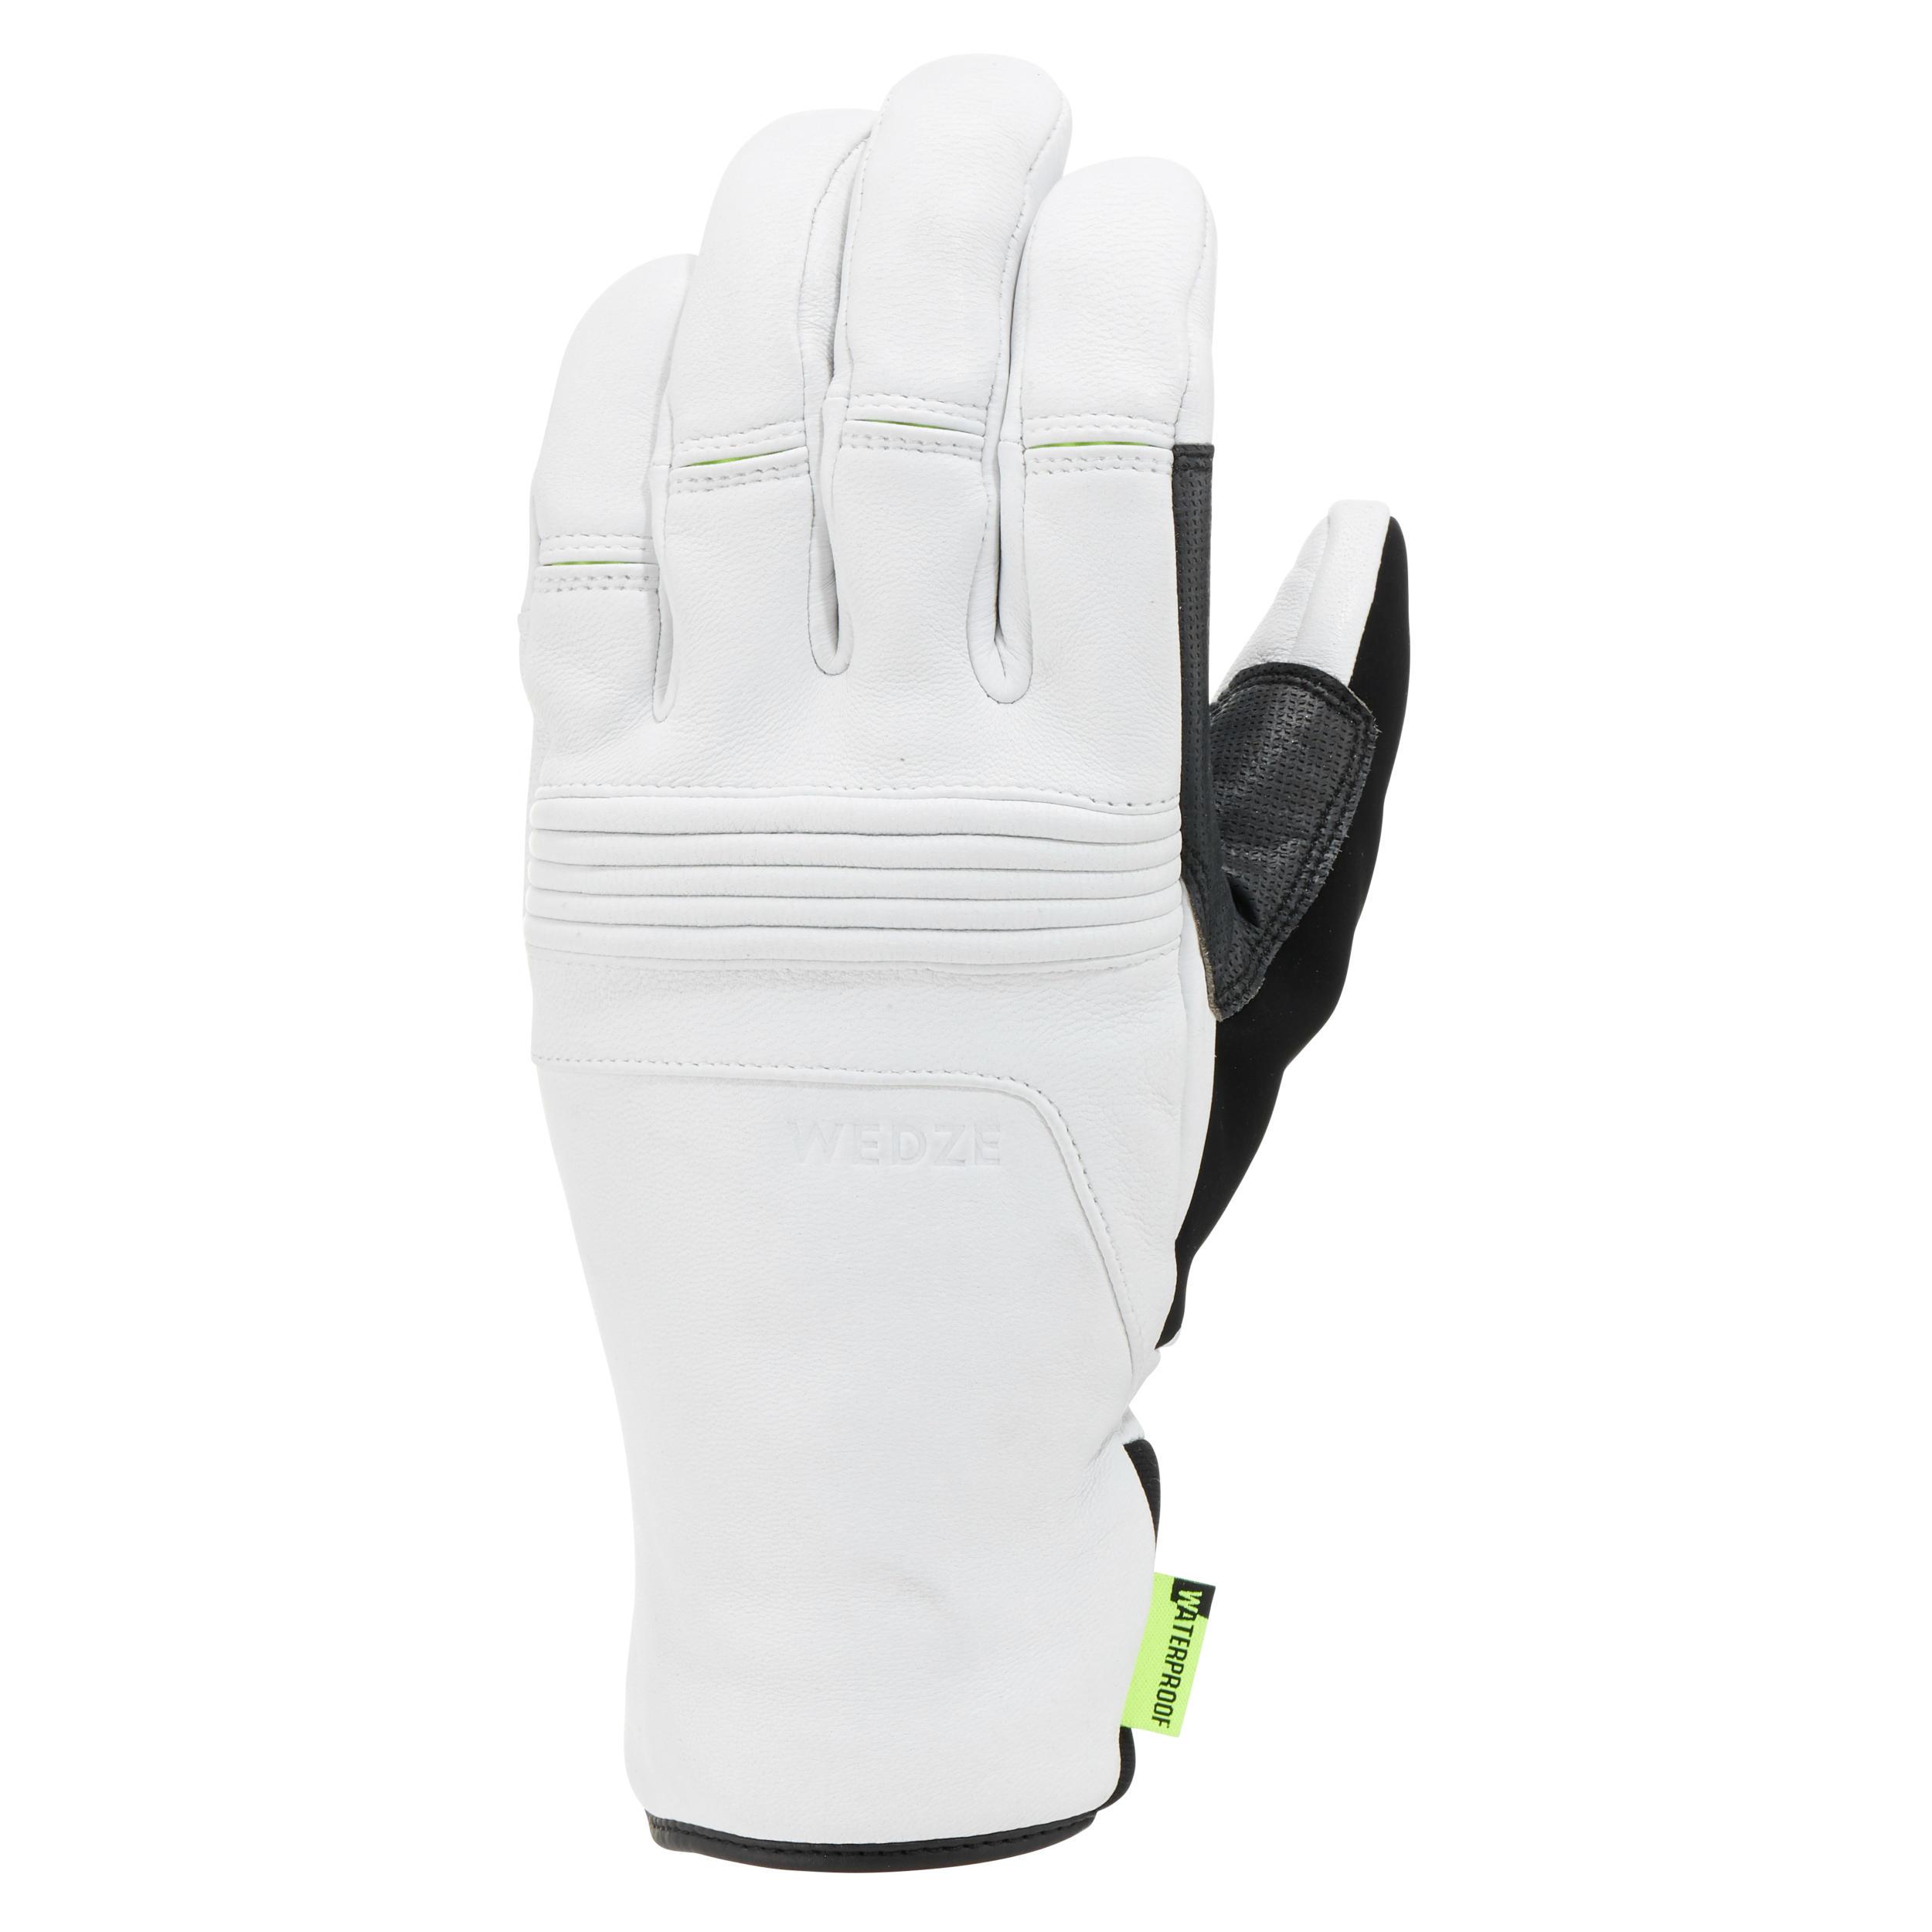 profiter du meilleur prix à vendre aliexpress Gants de ski, Sous-gants et moufles de ski | DECATHLON